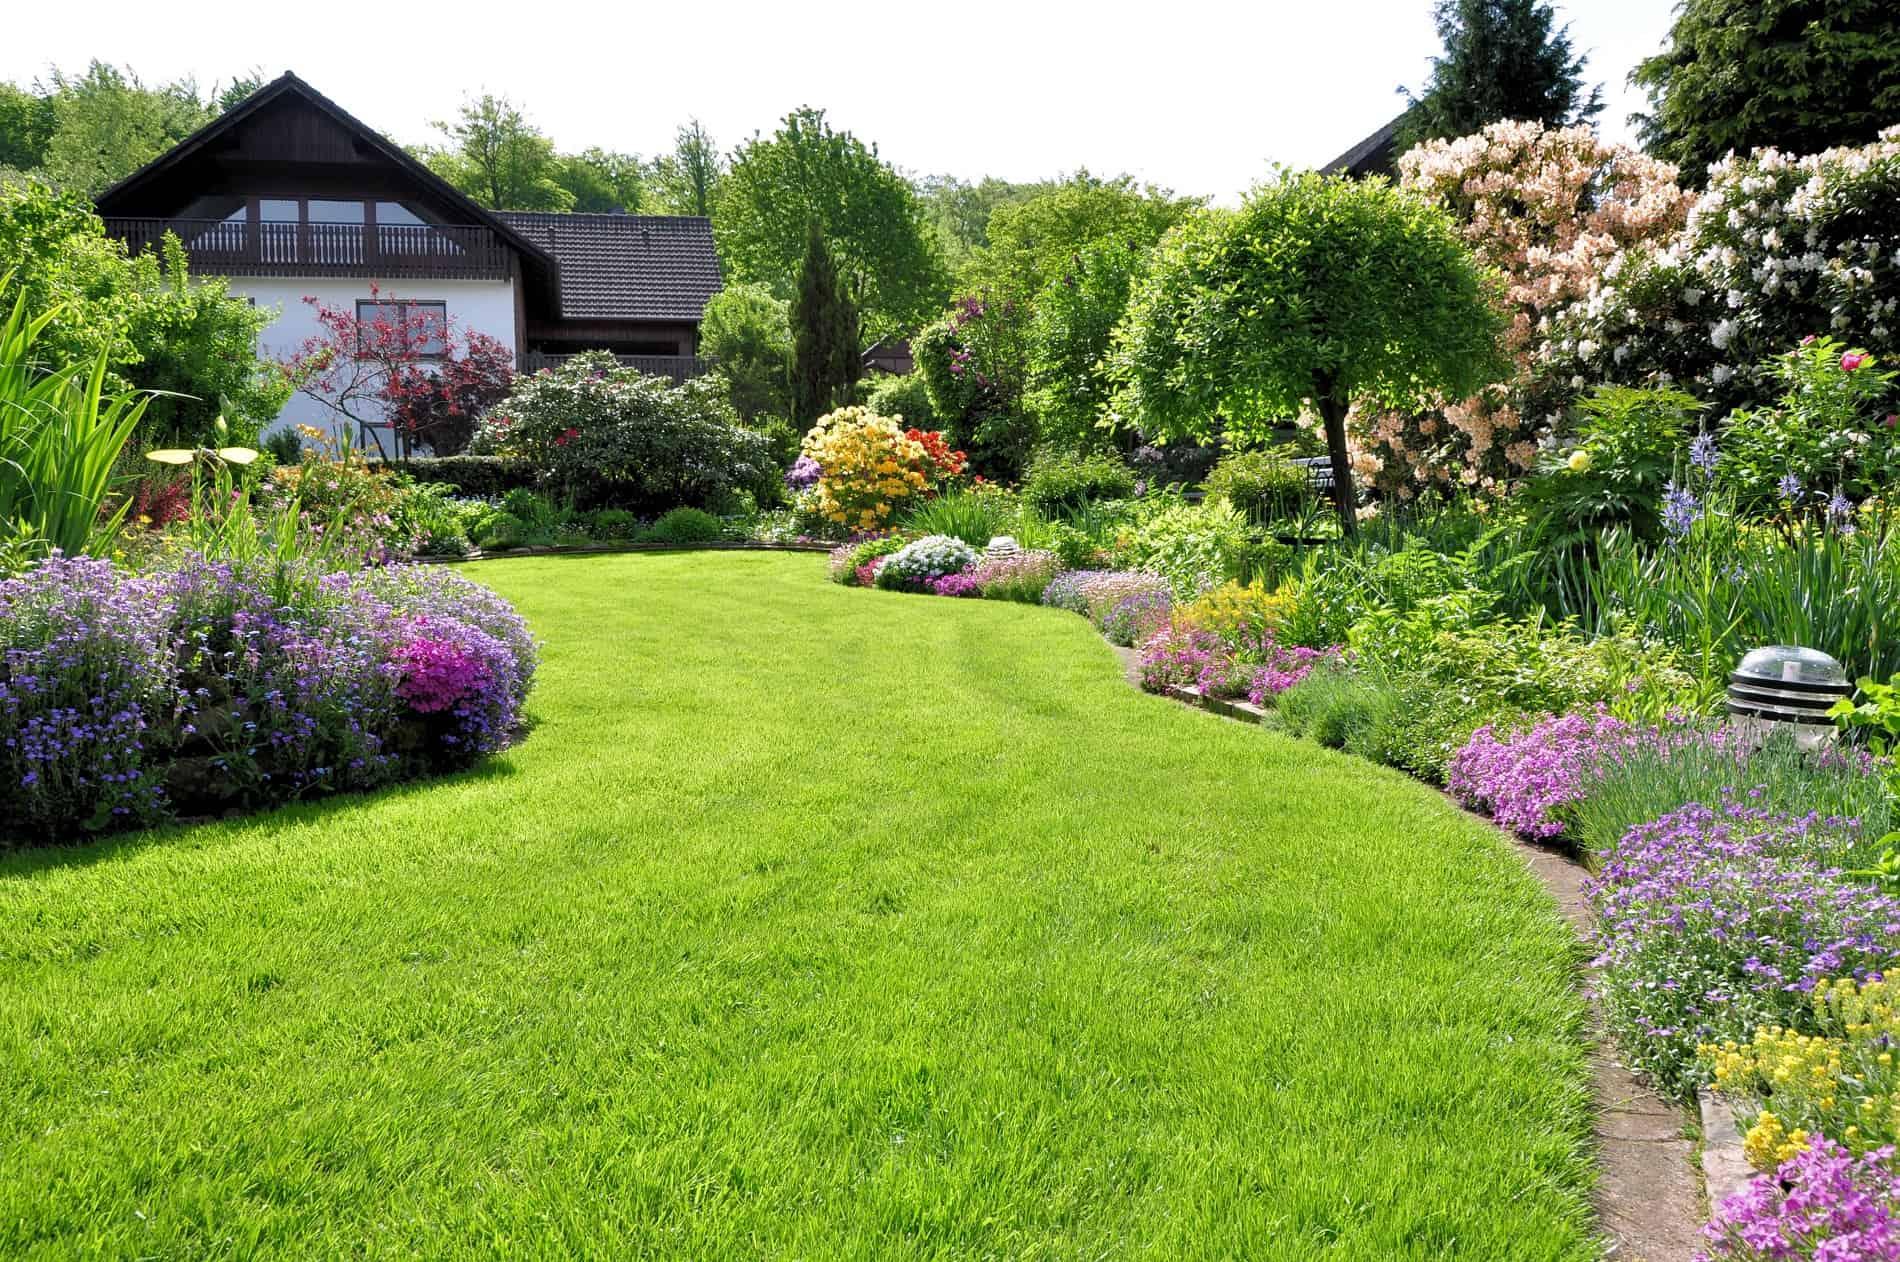 Ein schöner Garten mit Rasen und Beeten